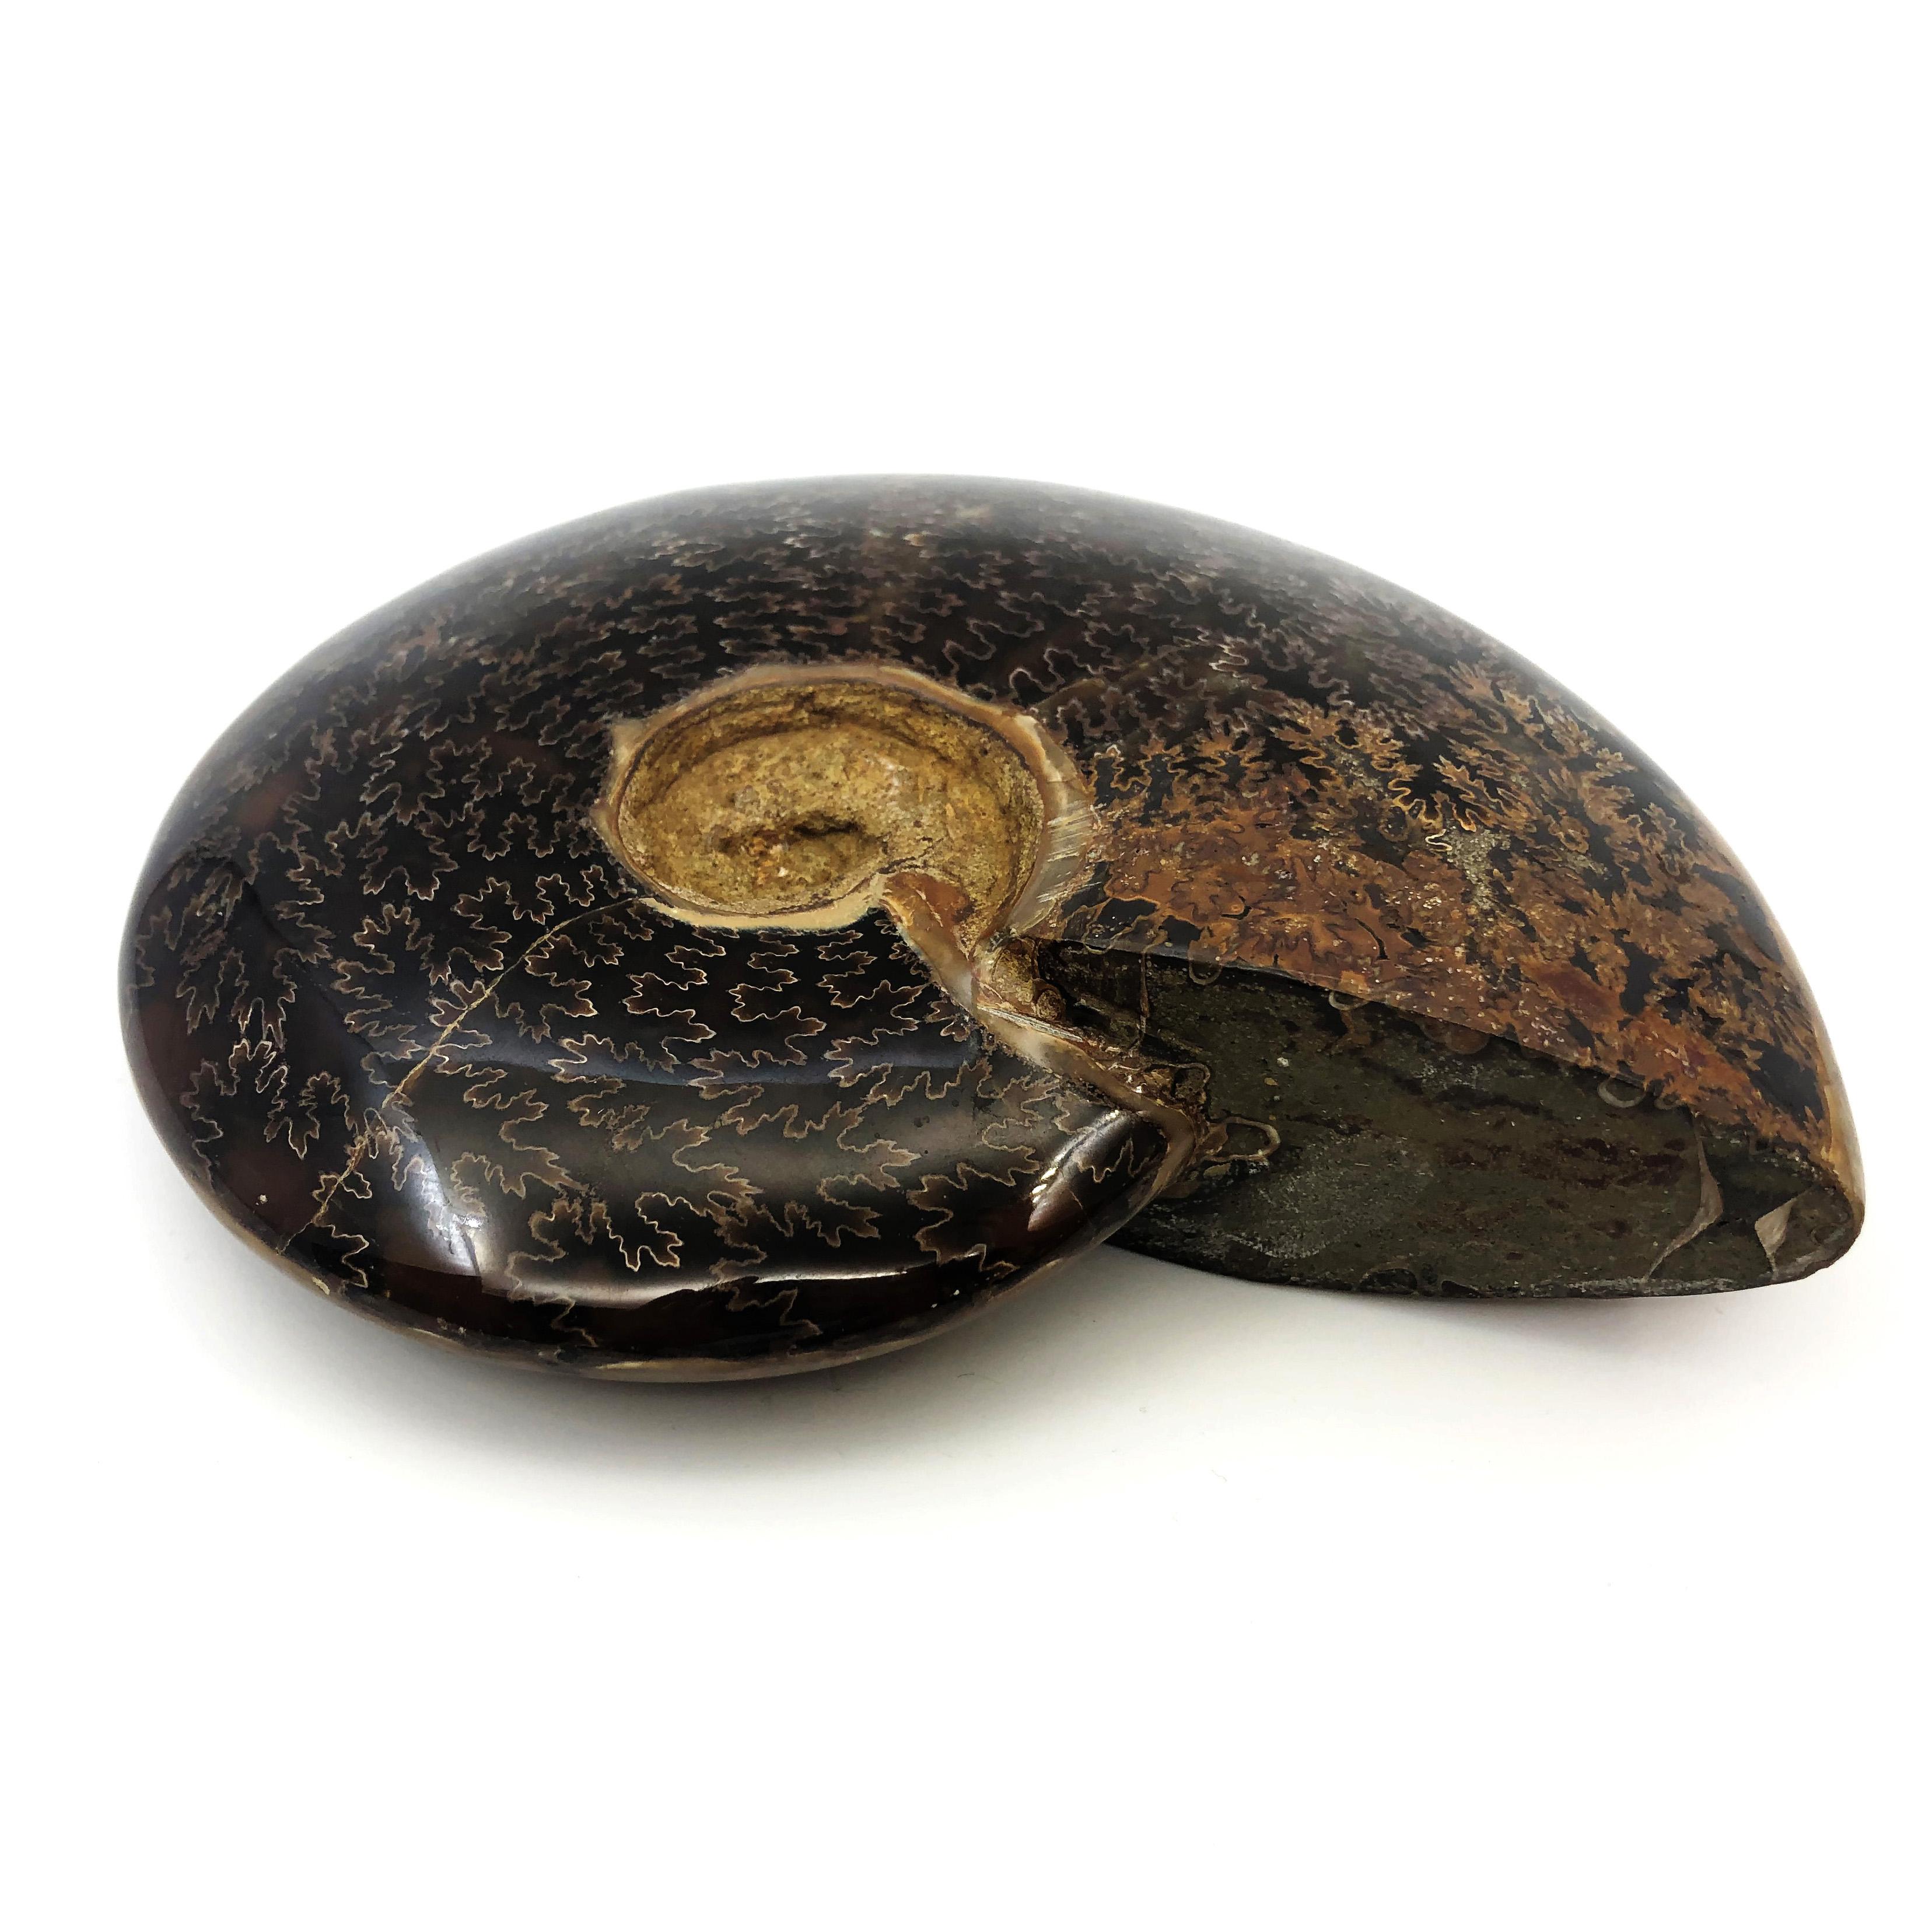 真葉菊石化石(Ammonoidea)